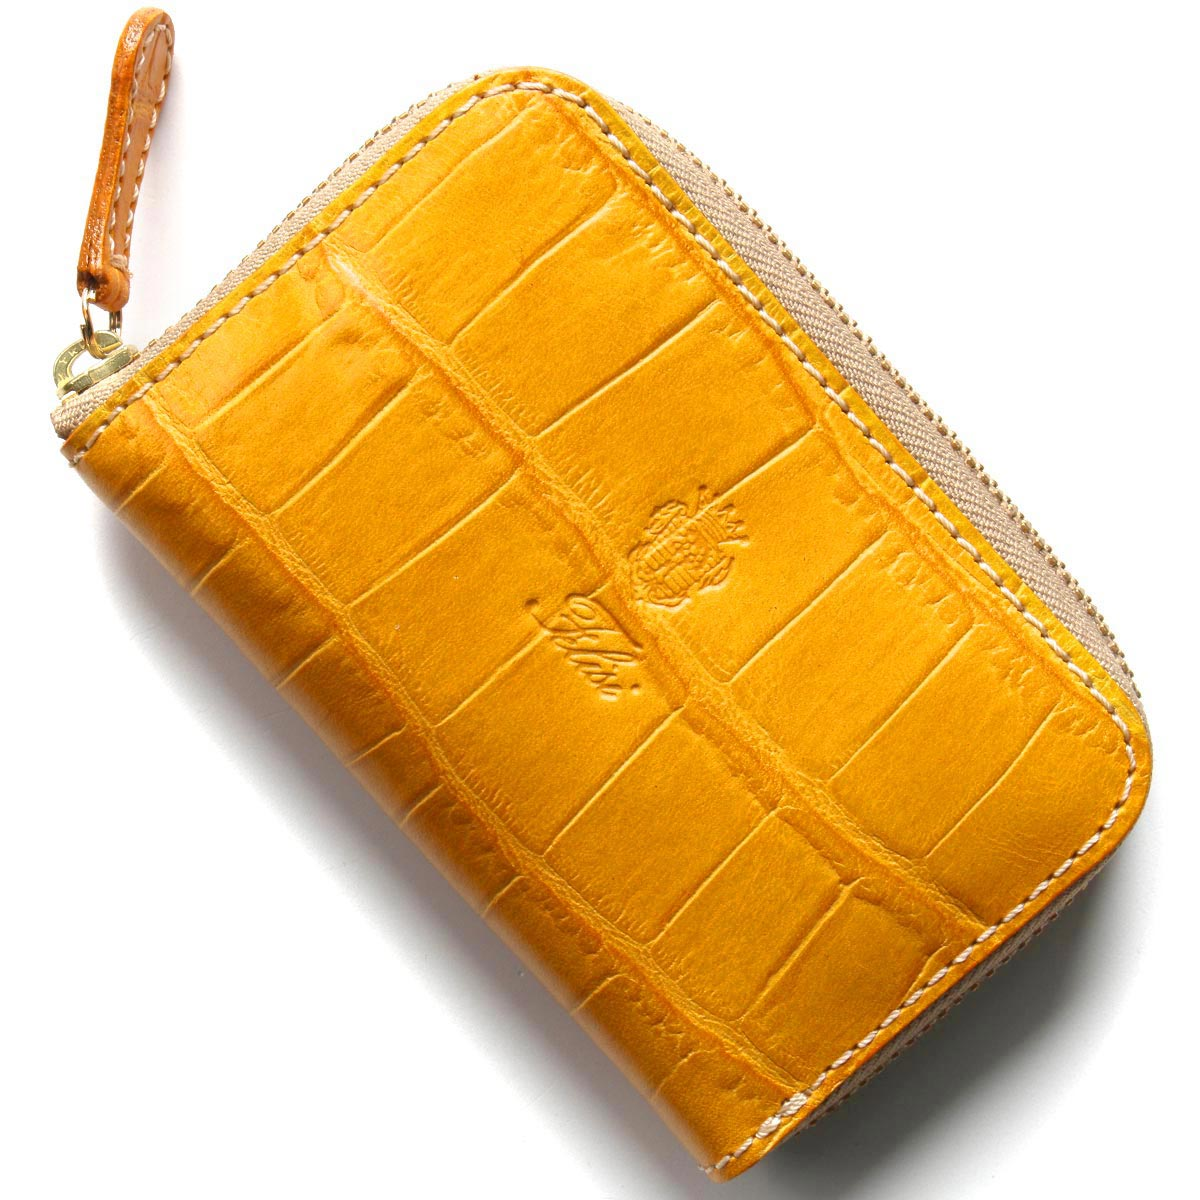 フェリージ コインケース【小銭入れ】 財布 メンズ クロコ型押し ジャッロイエロー 905 SA 0007 FELISI